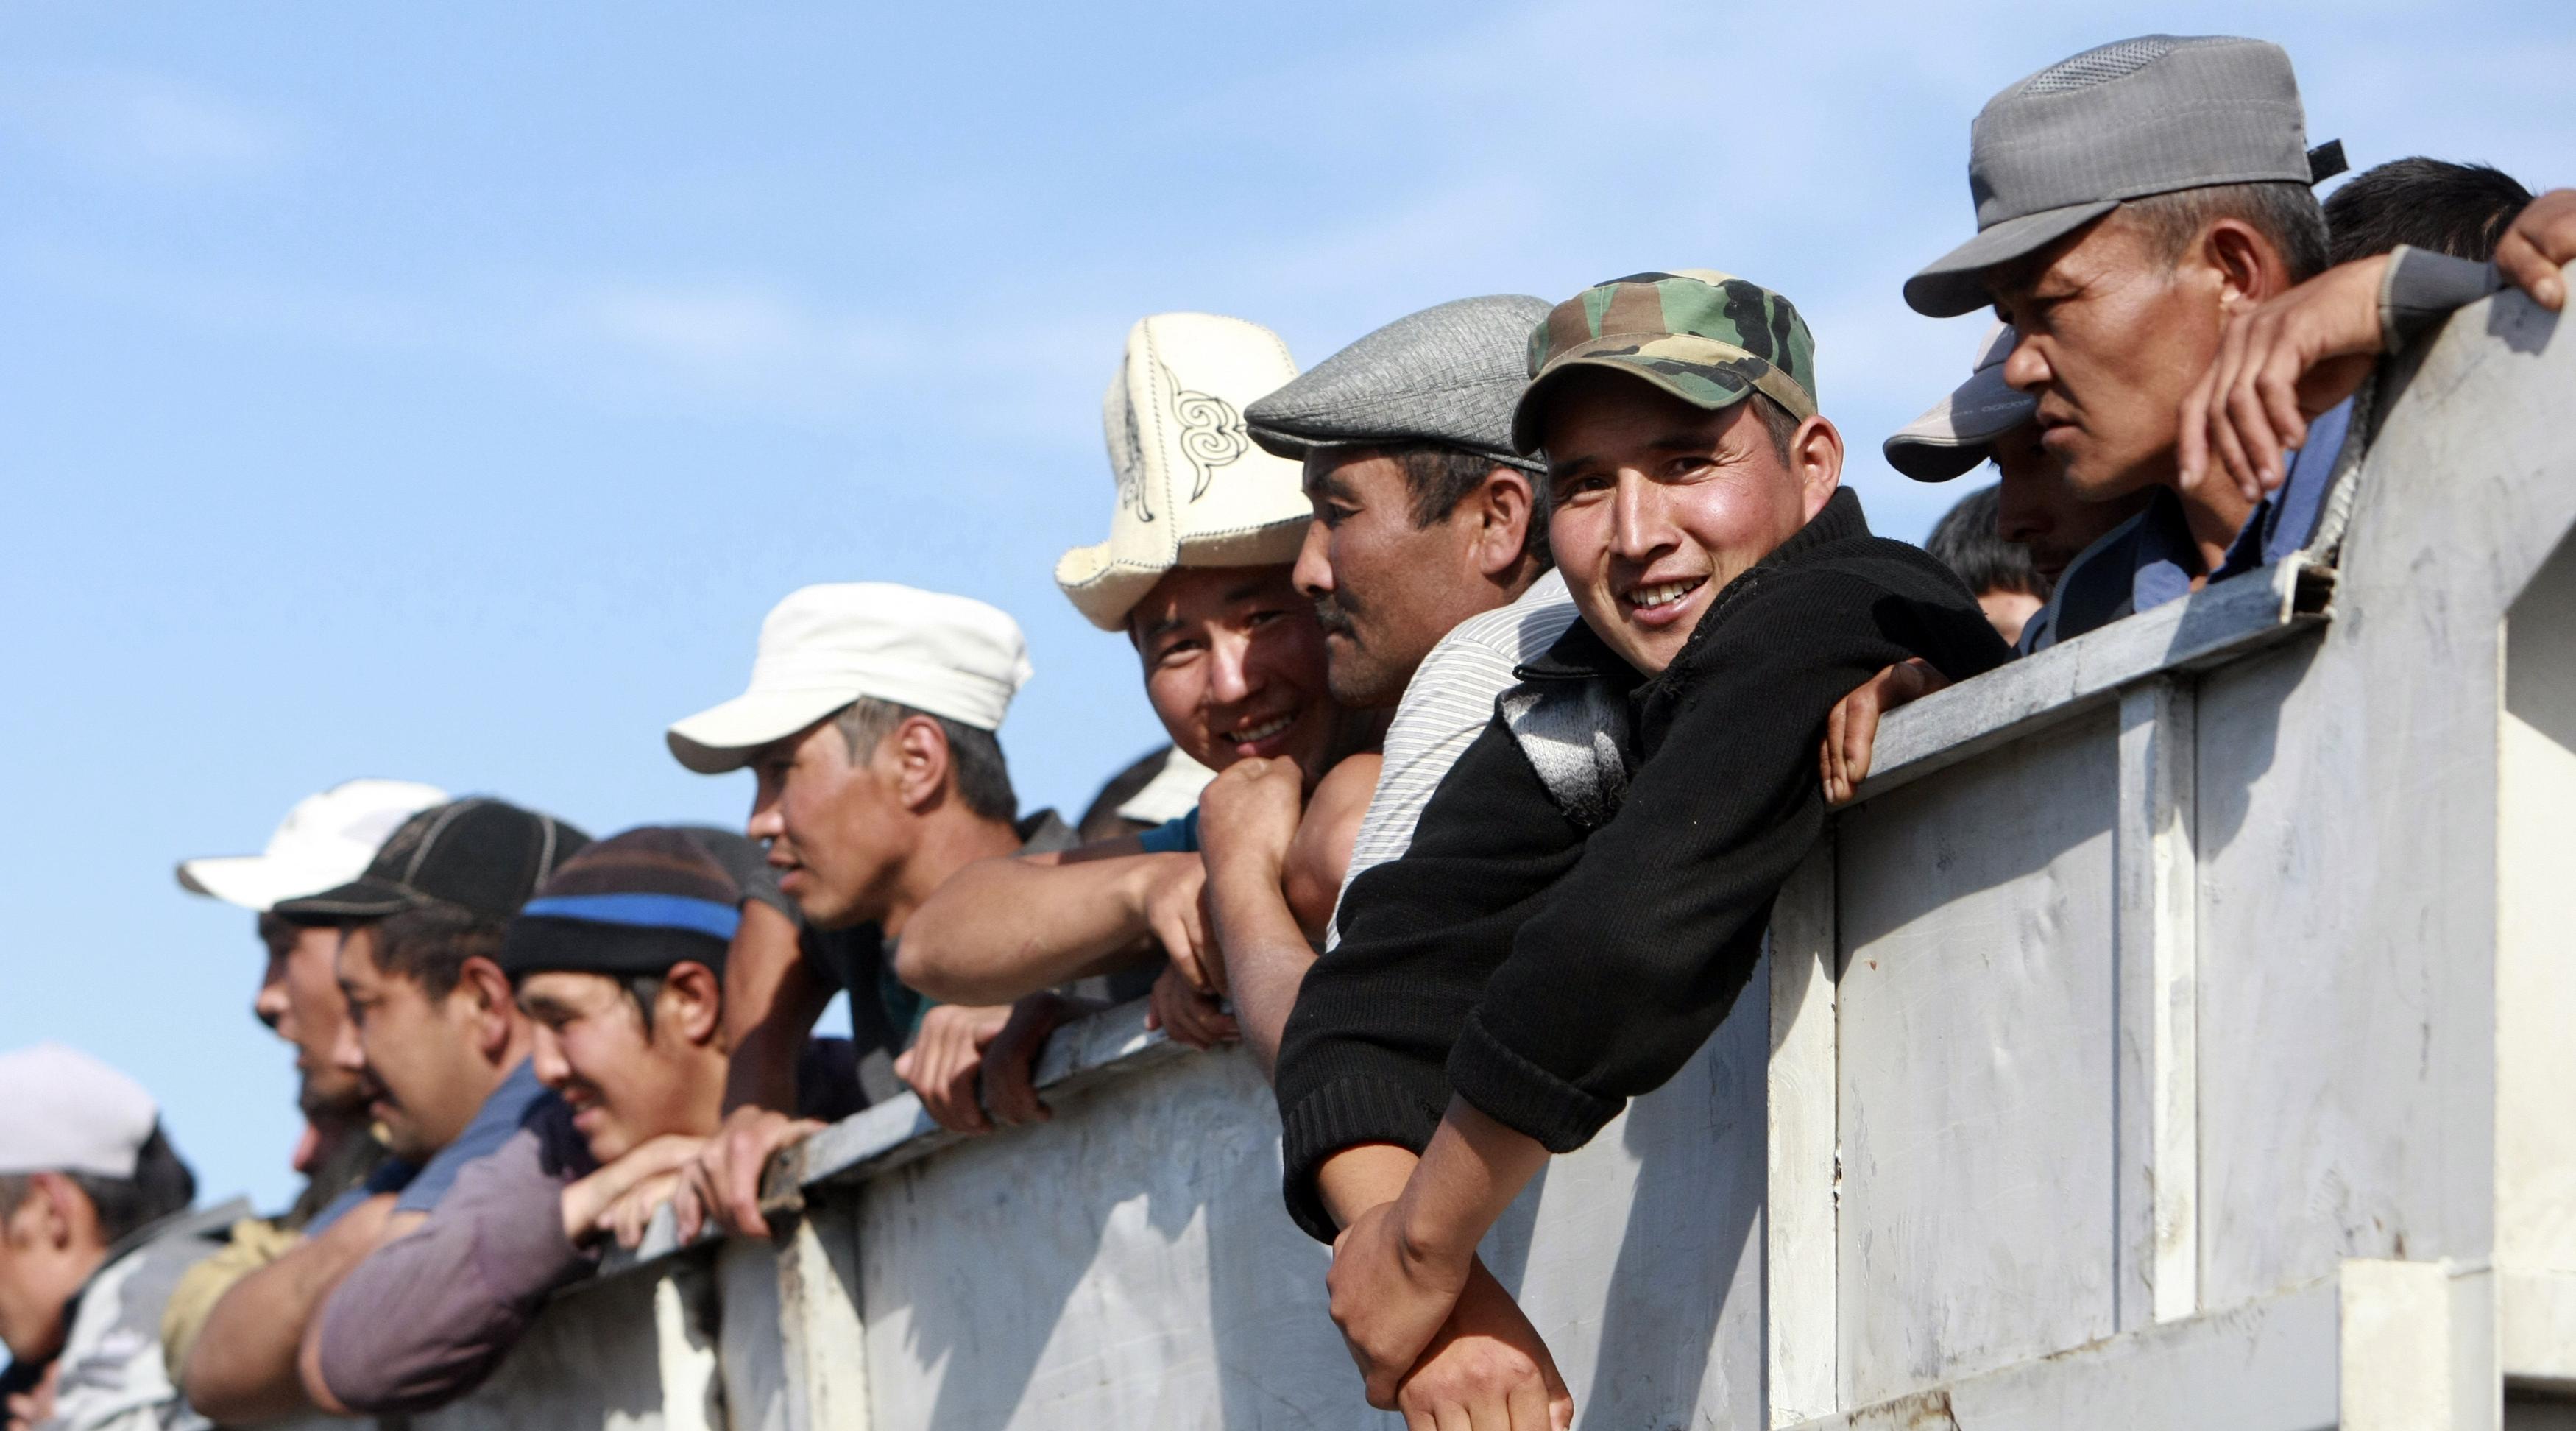 """""""Права человека"""" - Пентагон оплатил тренинги для киргизов на тему конфликта США и РФ"""